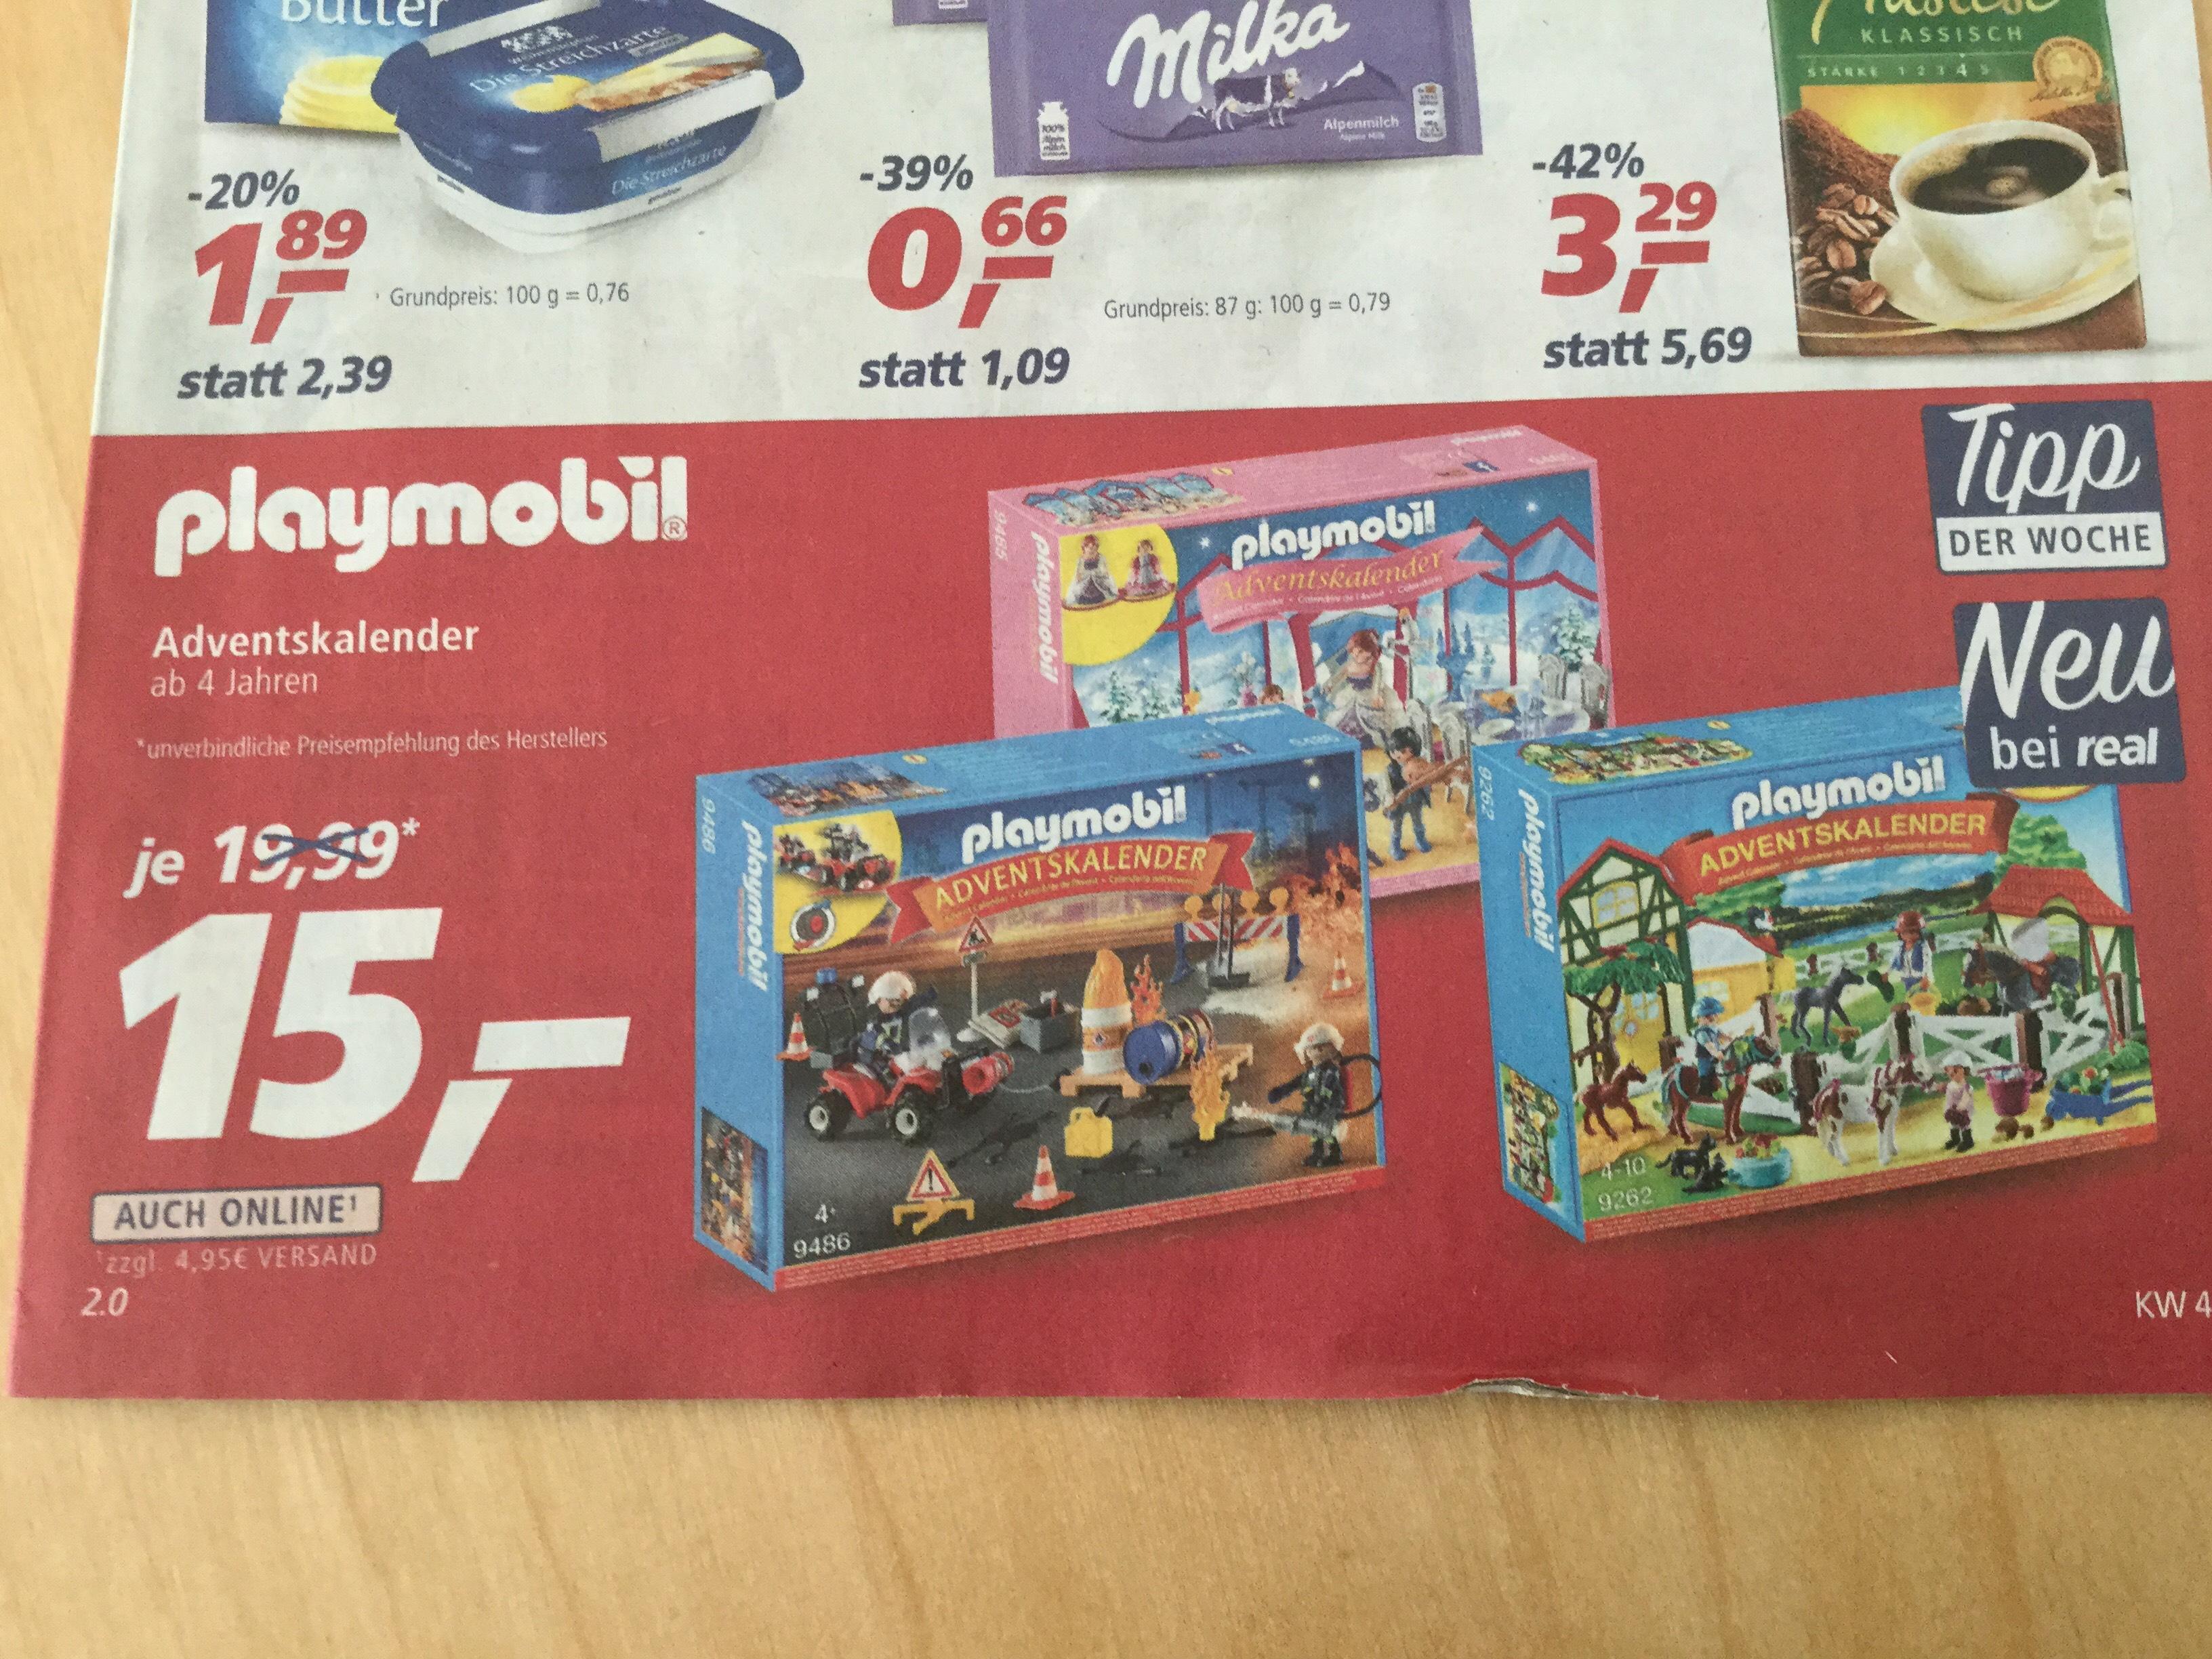 REAL Playmobil Adventskalender bis zu 35% gespart